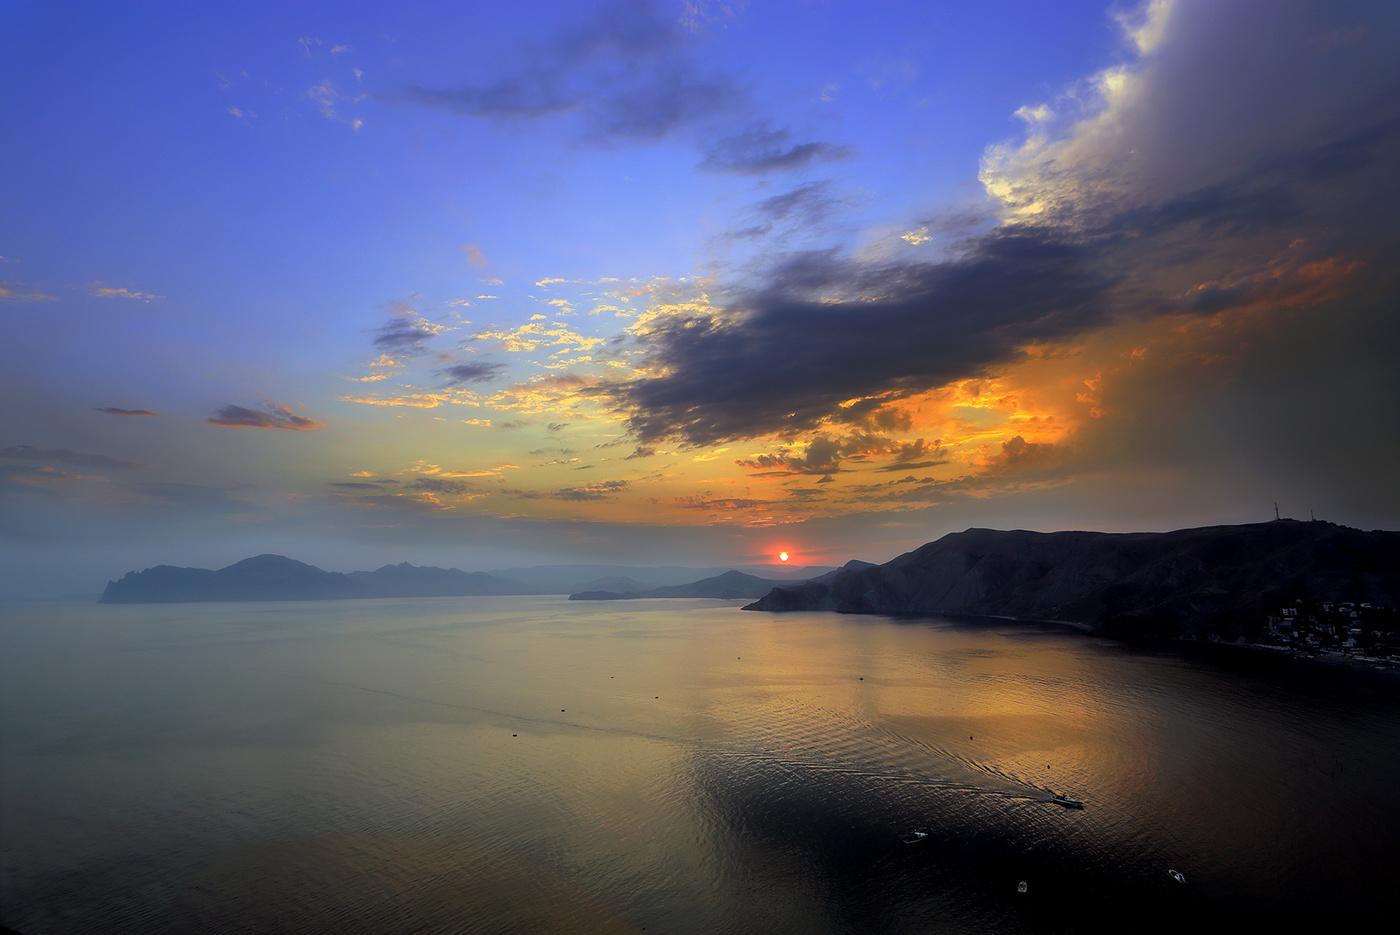 фото крым лето закаты и рассветы подборка, вот